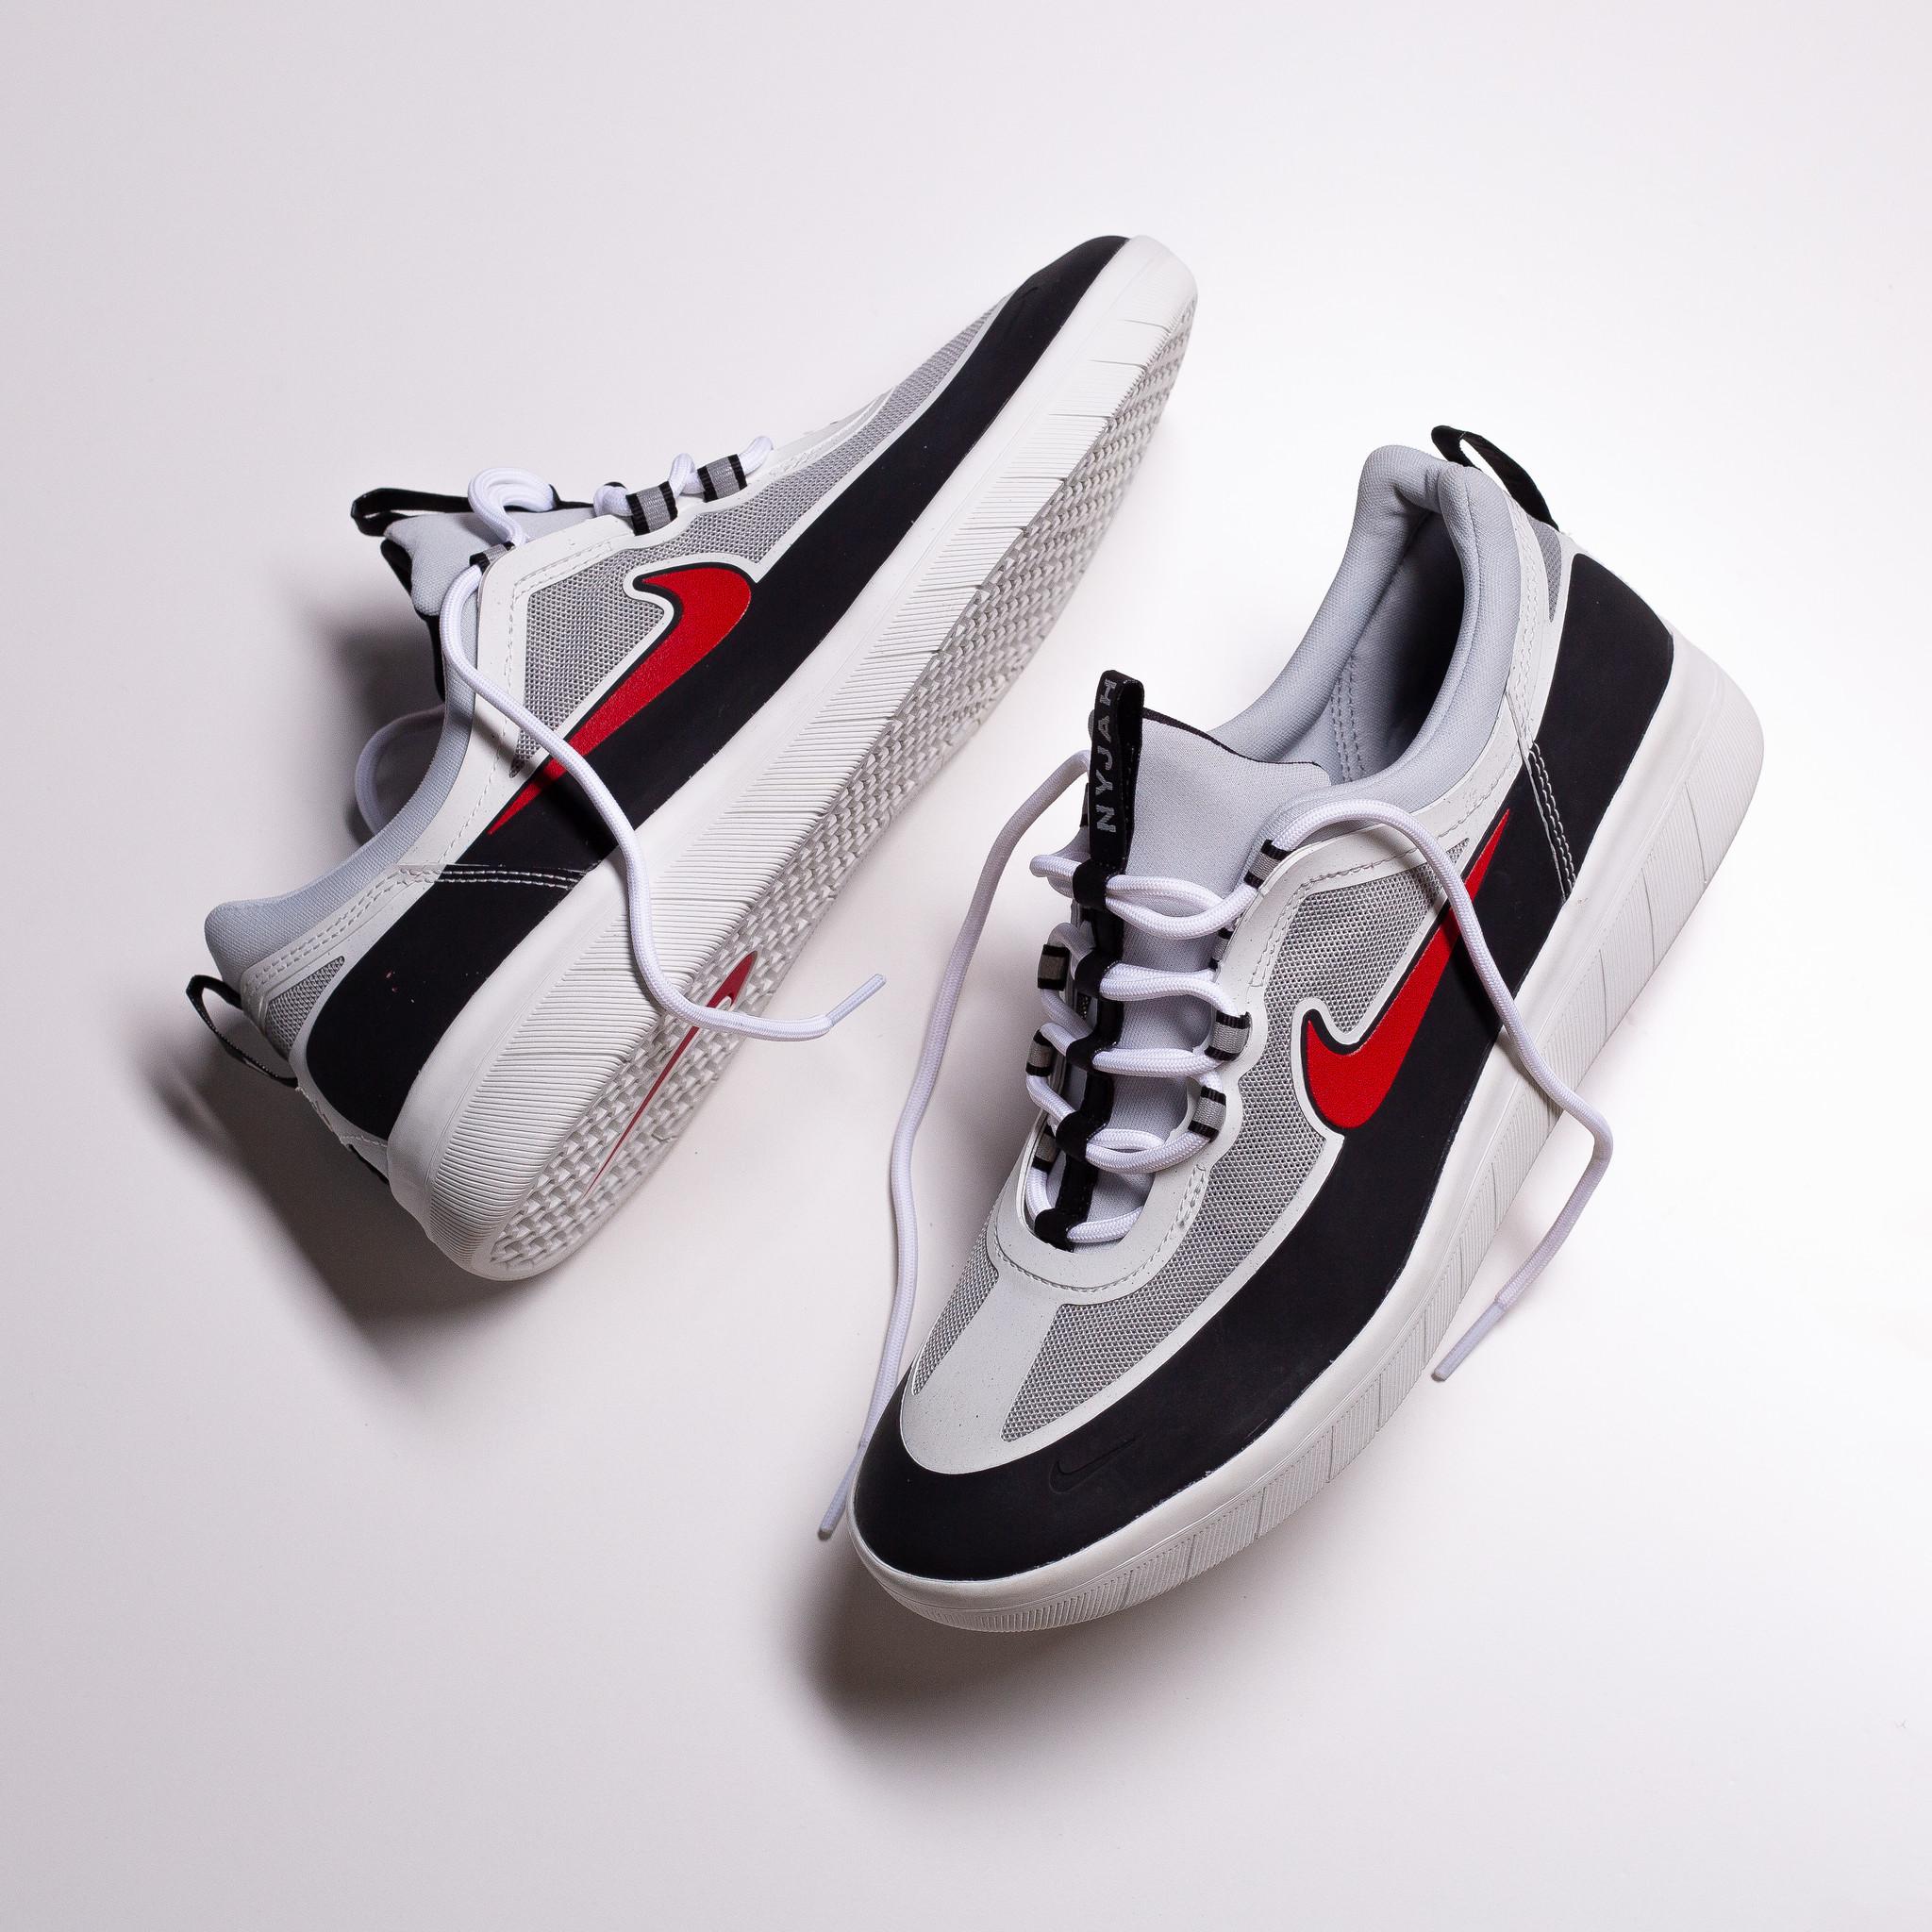 Nike SB Nyjah II black/sport red